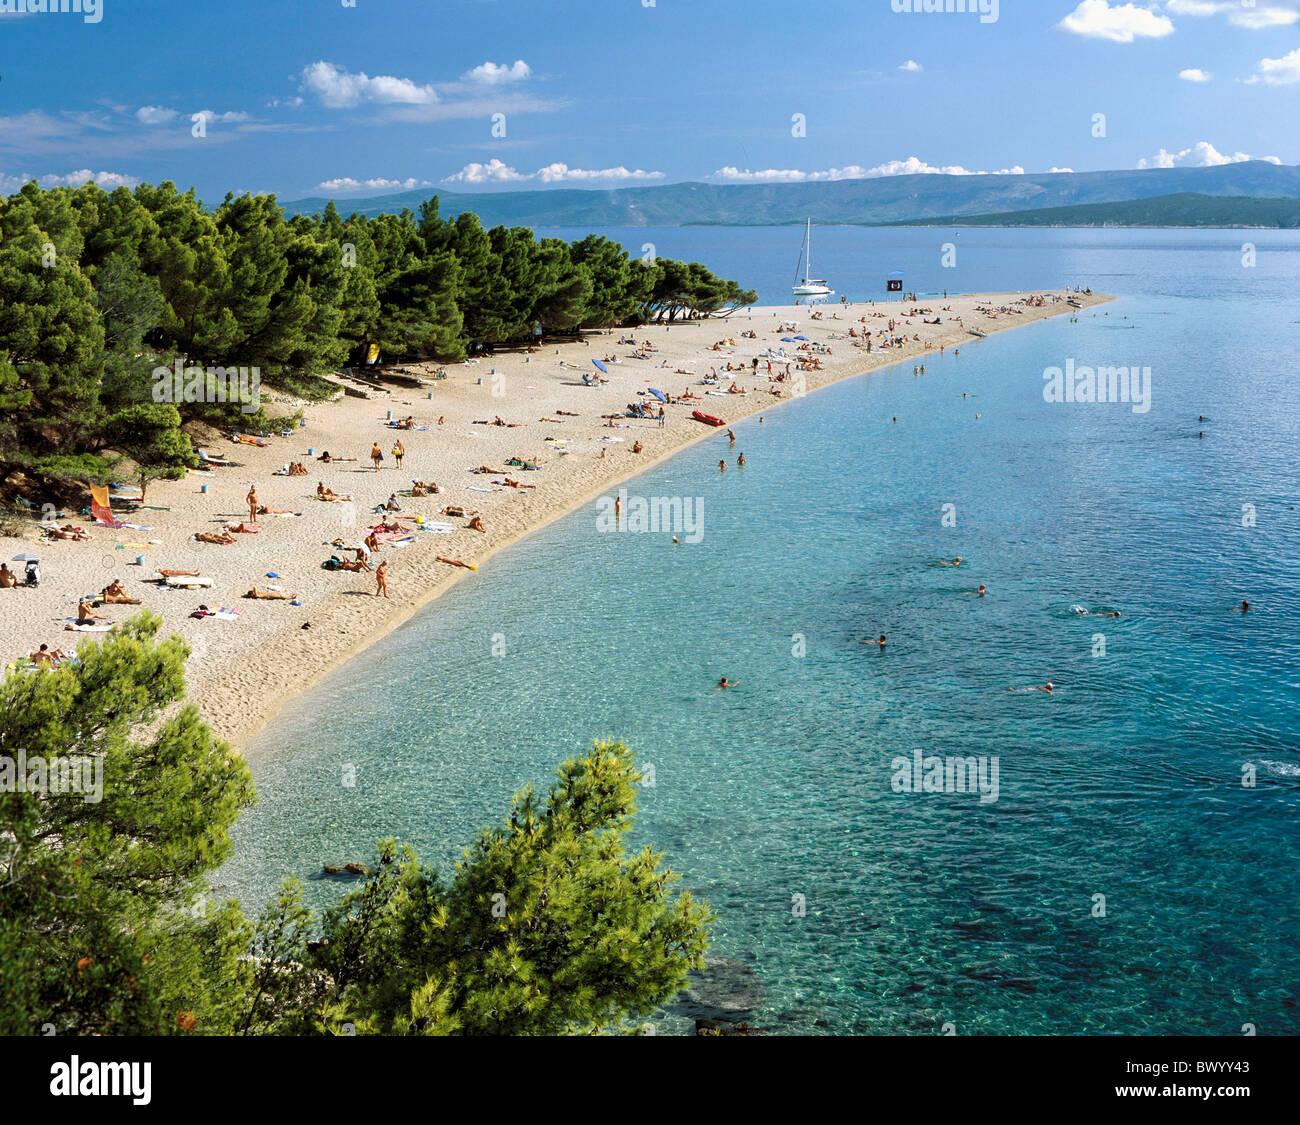 Les baigneurs plage de baignade à proximité de Bol Dalmatie île île de Brac Croatie vacances Photo Stock